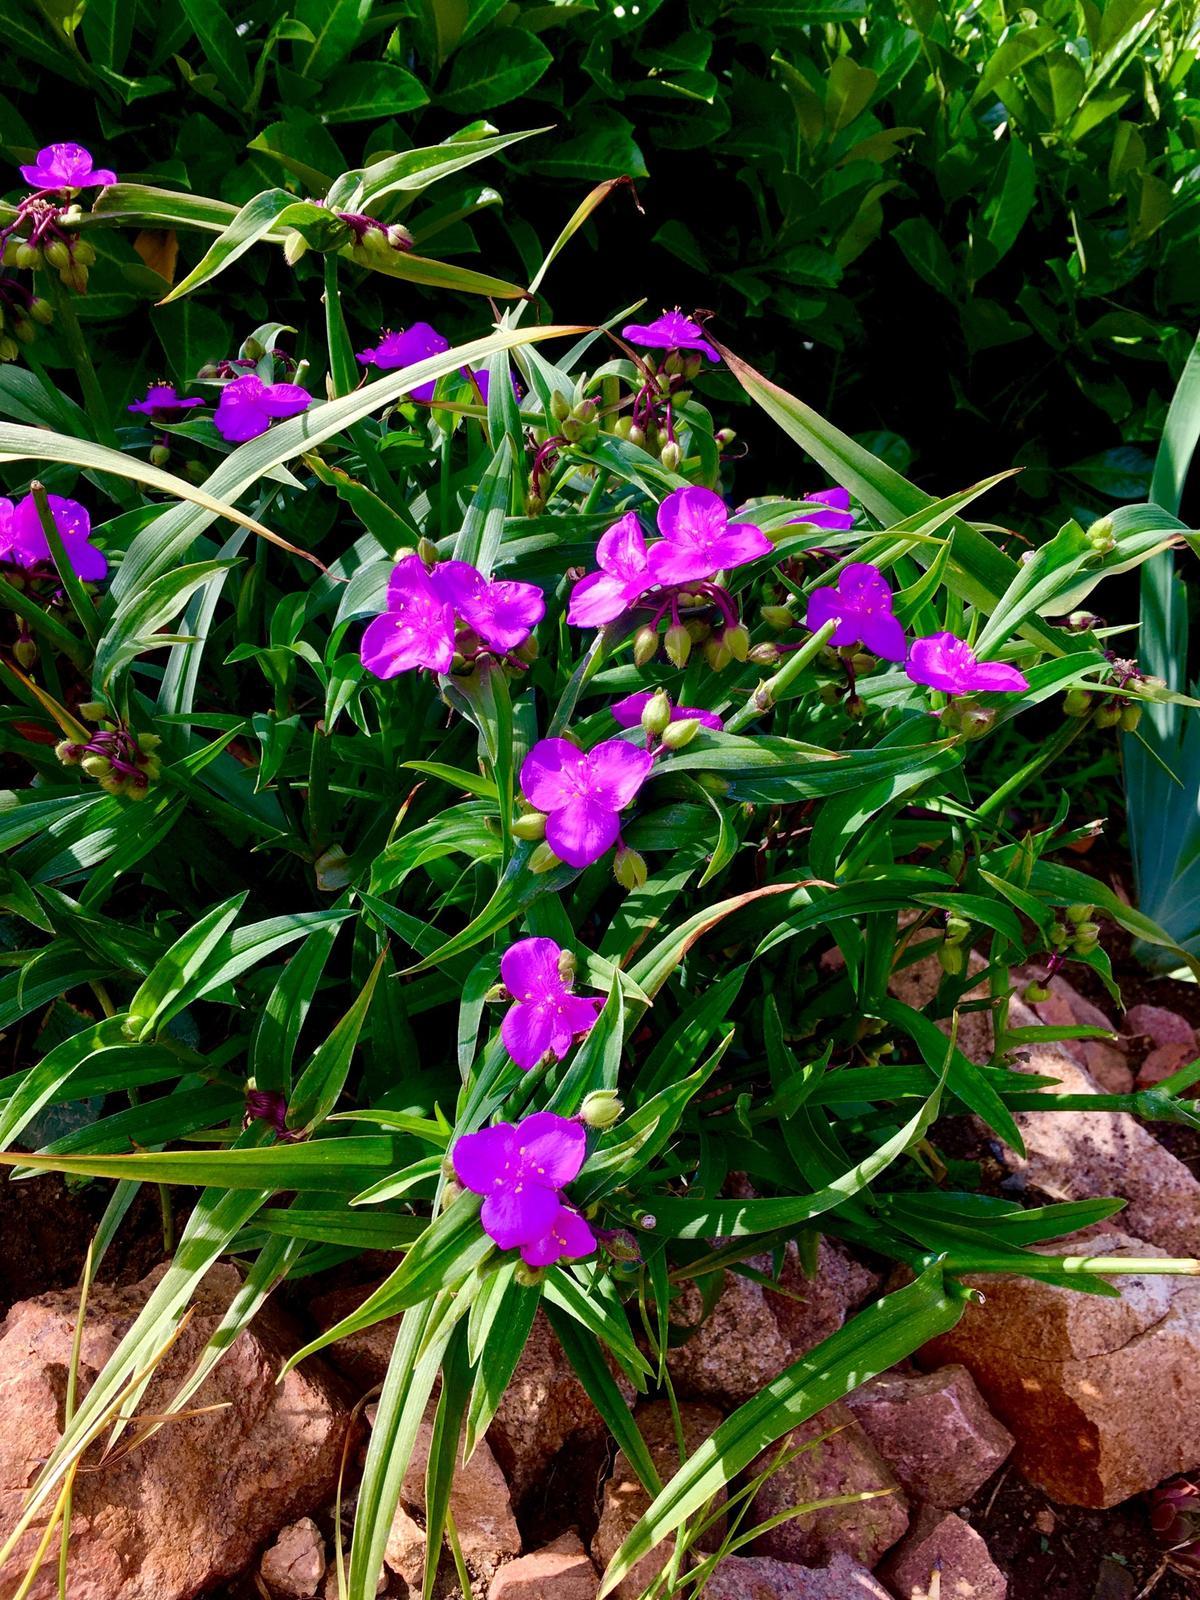 Skřítčí zahrada 2015 - 2020 - Červenec 2019 - jedna ze skalkových rostlin, které jsem dostala darem od manželovy tety, kvete usilovně a srny ji nežerou